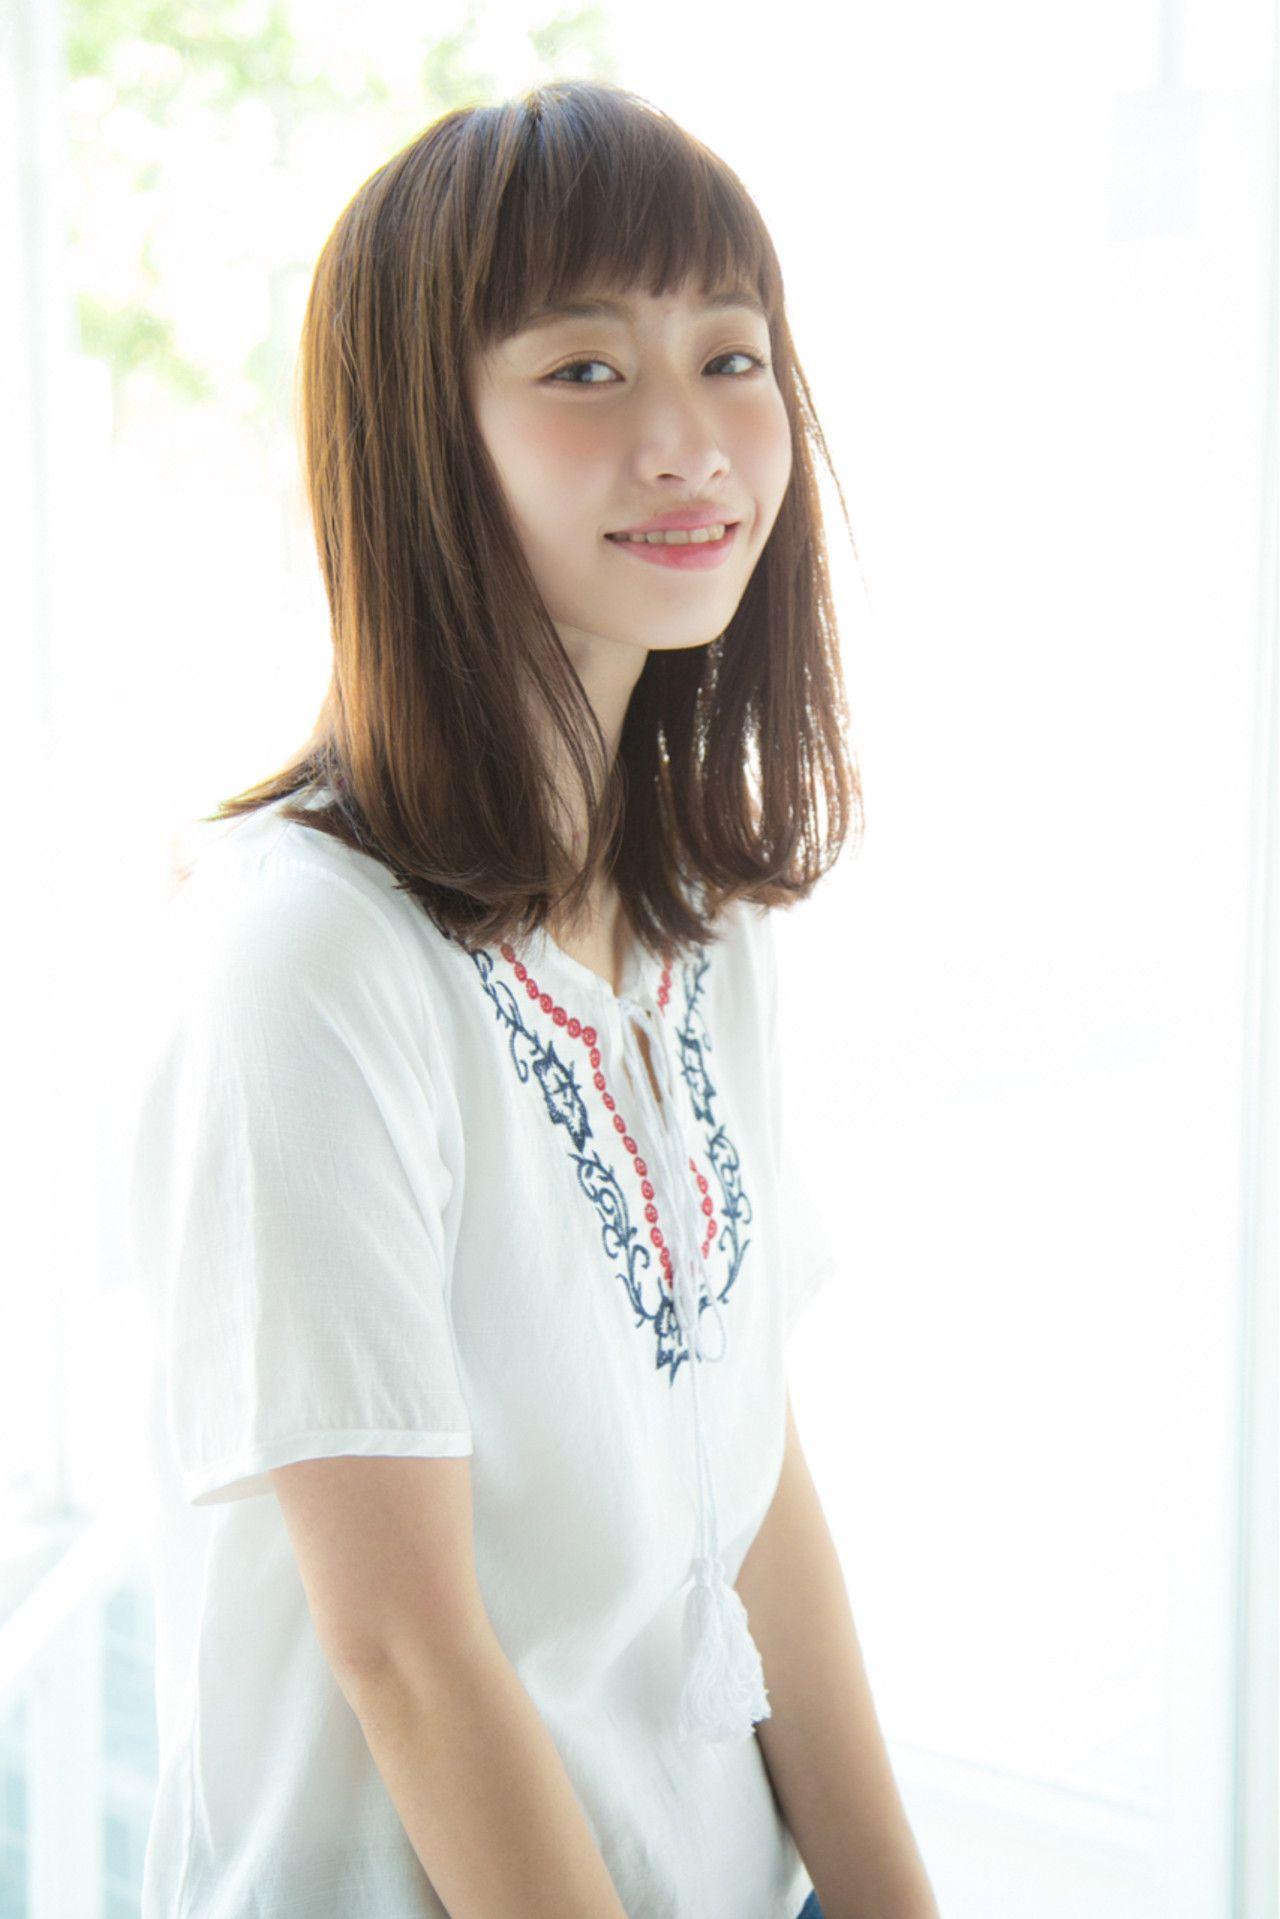 Hira Un Ami 髪 ミディアム ヘアスタイル ヘアカット ミディアム